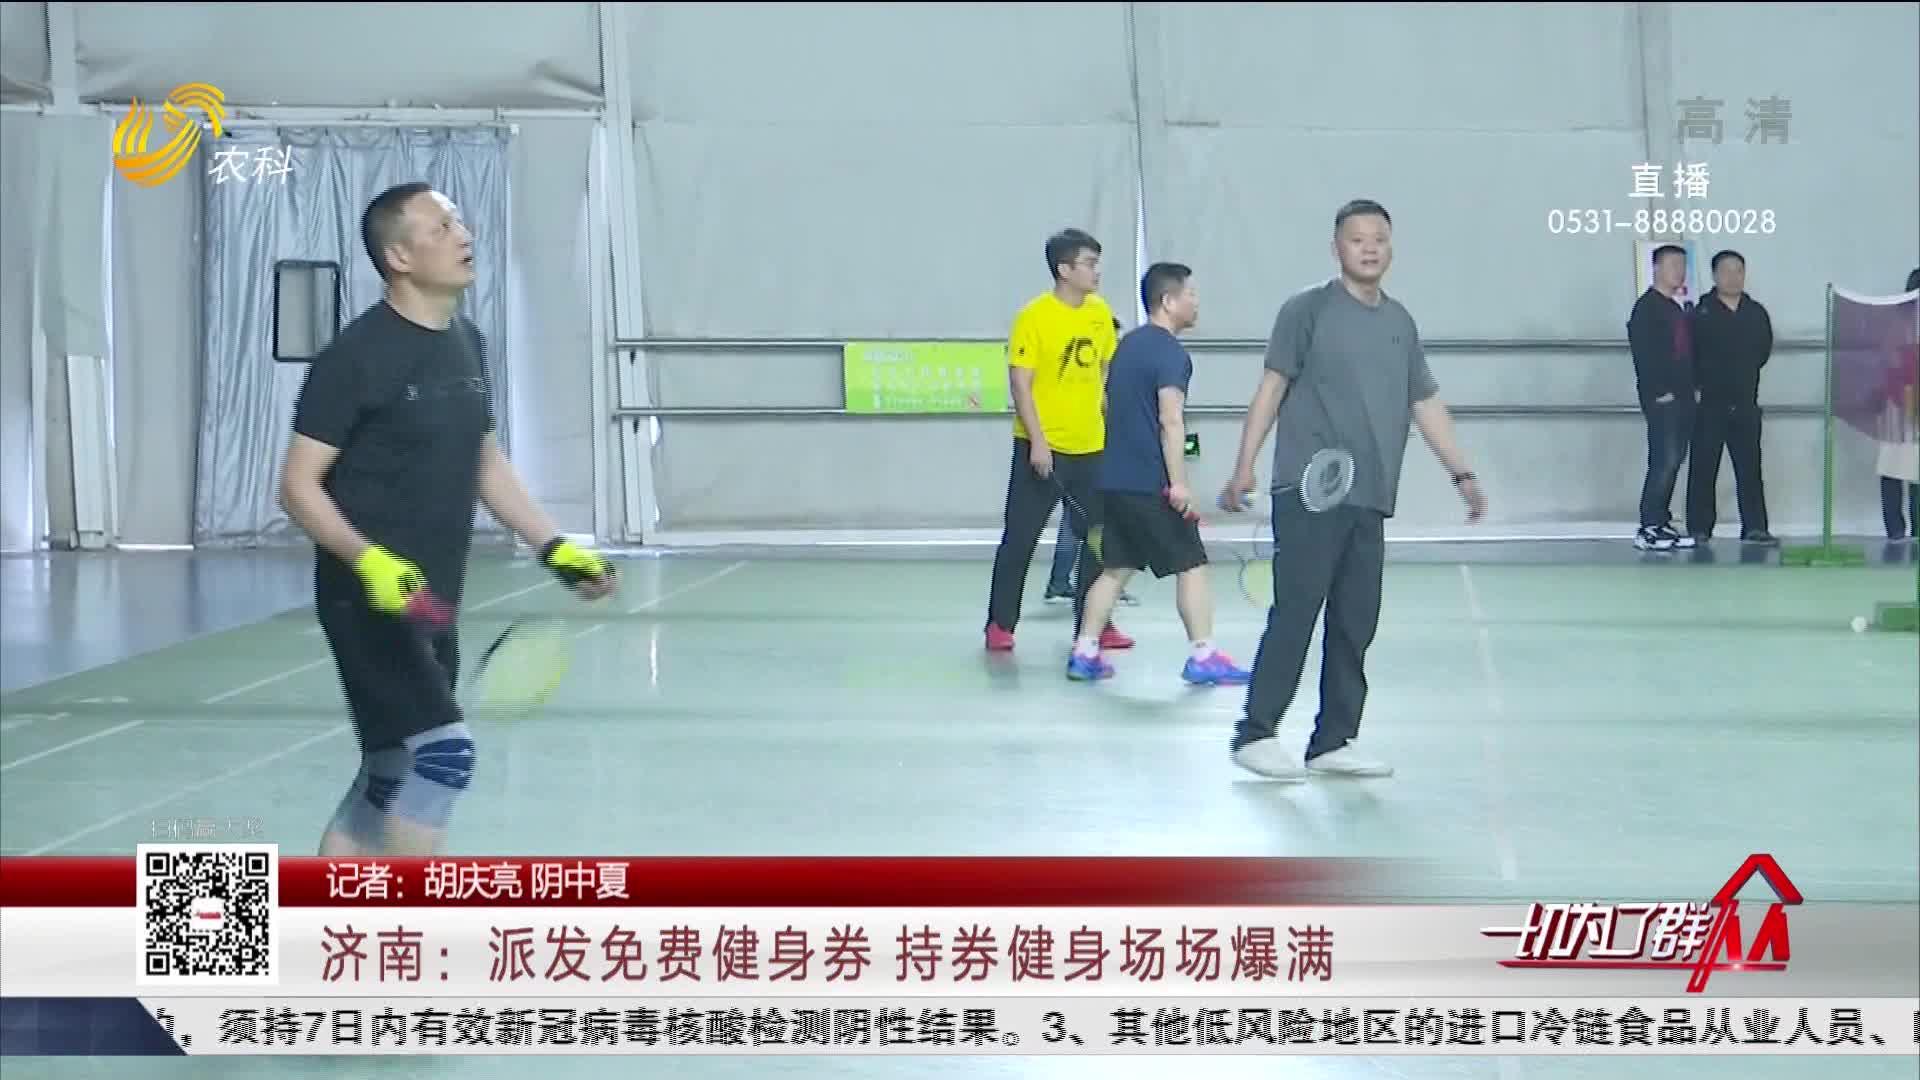 济南:派发免费健身券 持券健身场场爆满